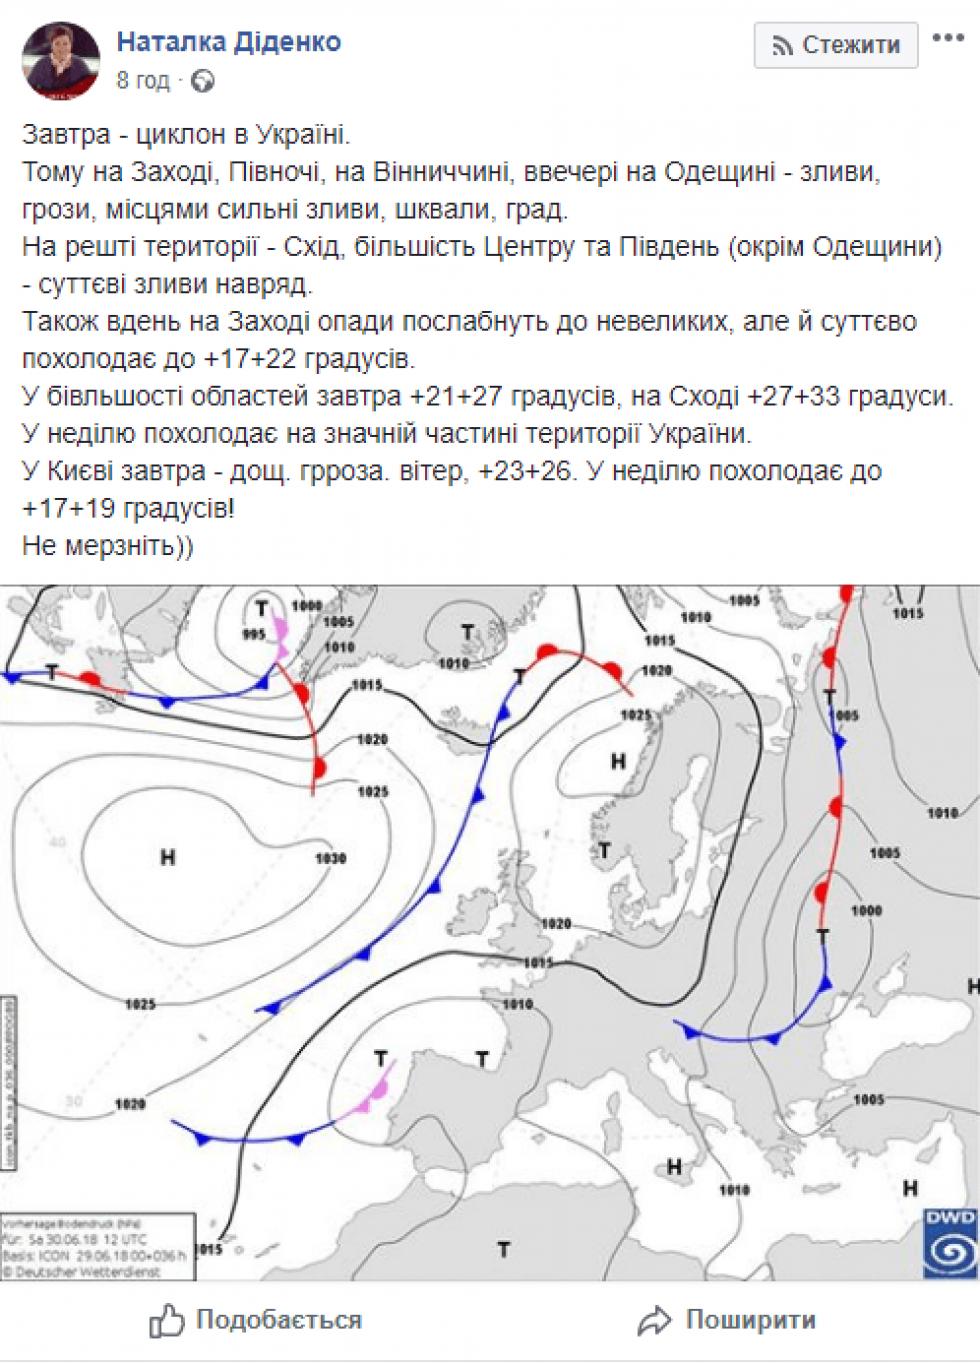 Циклон в Україні